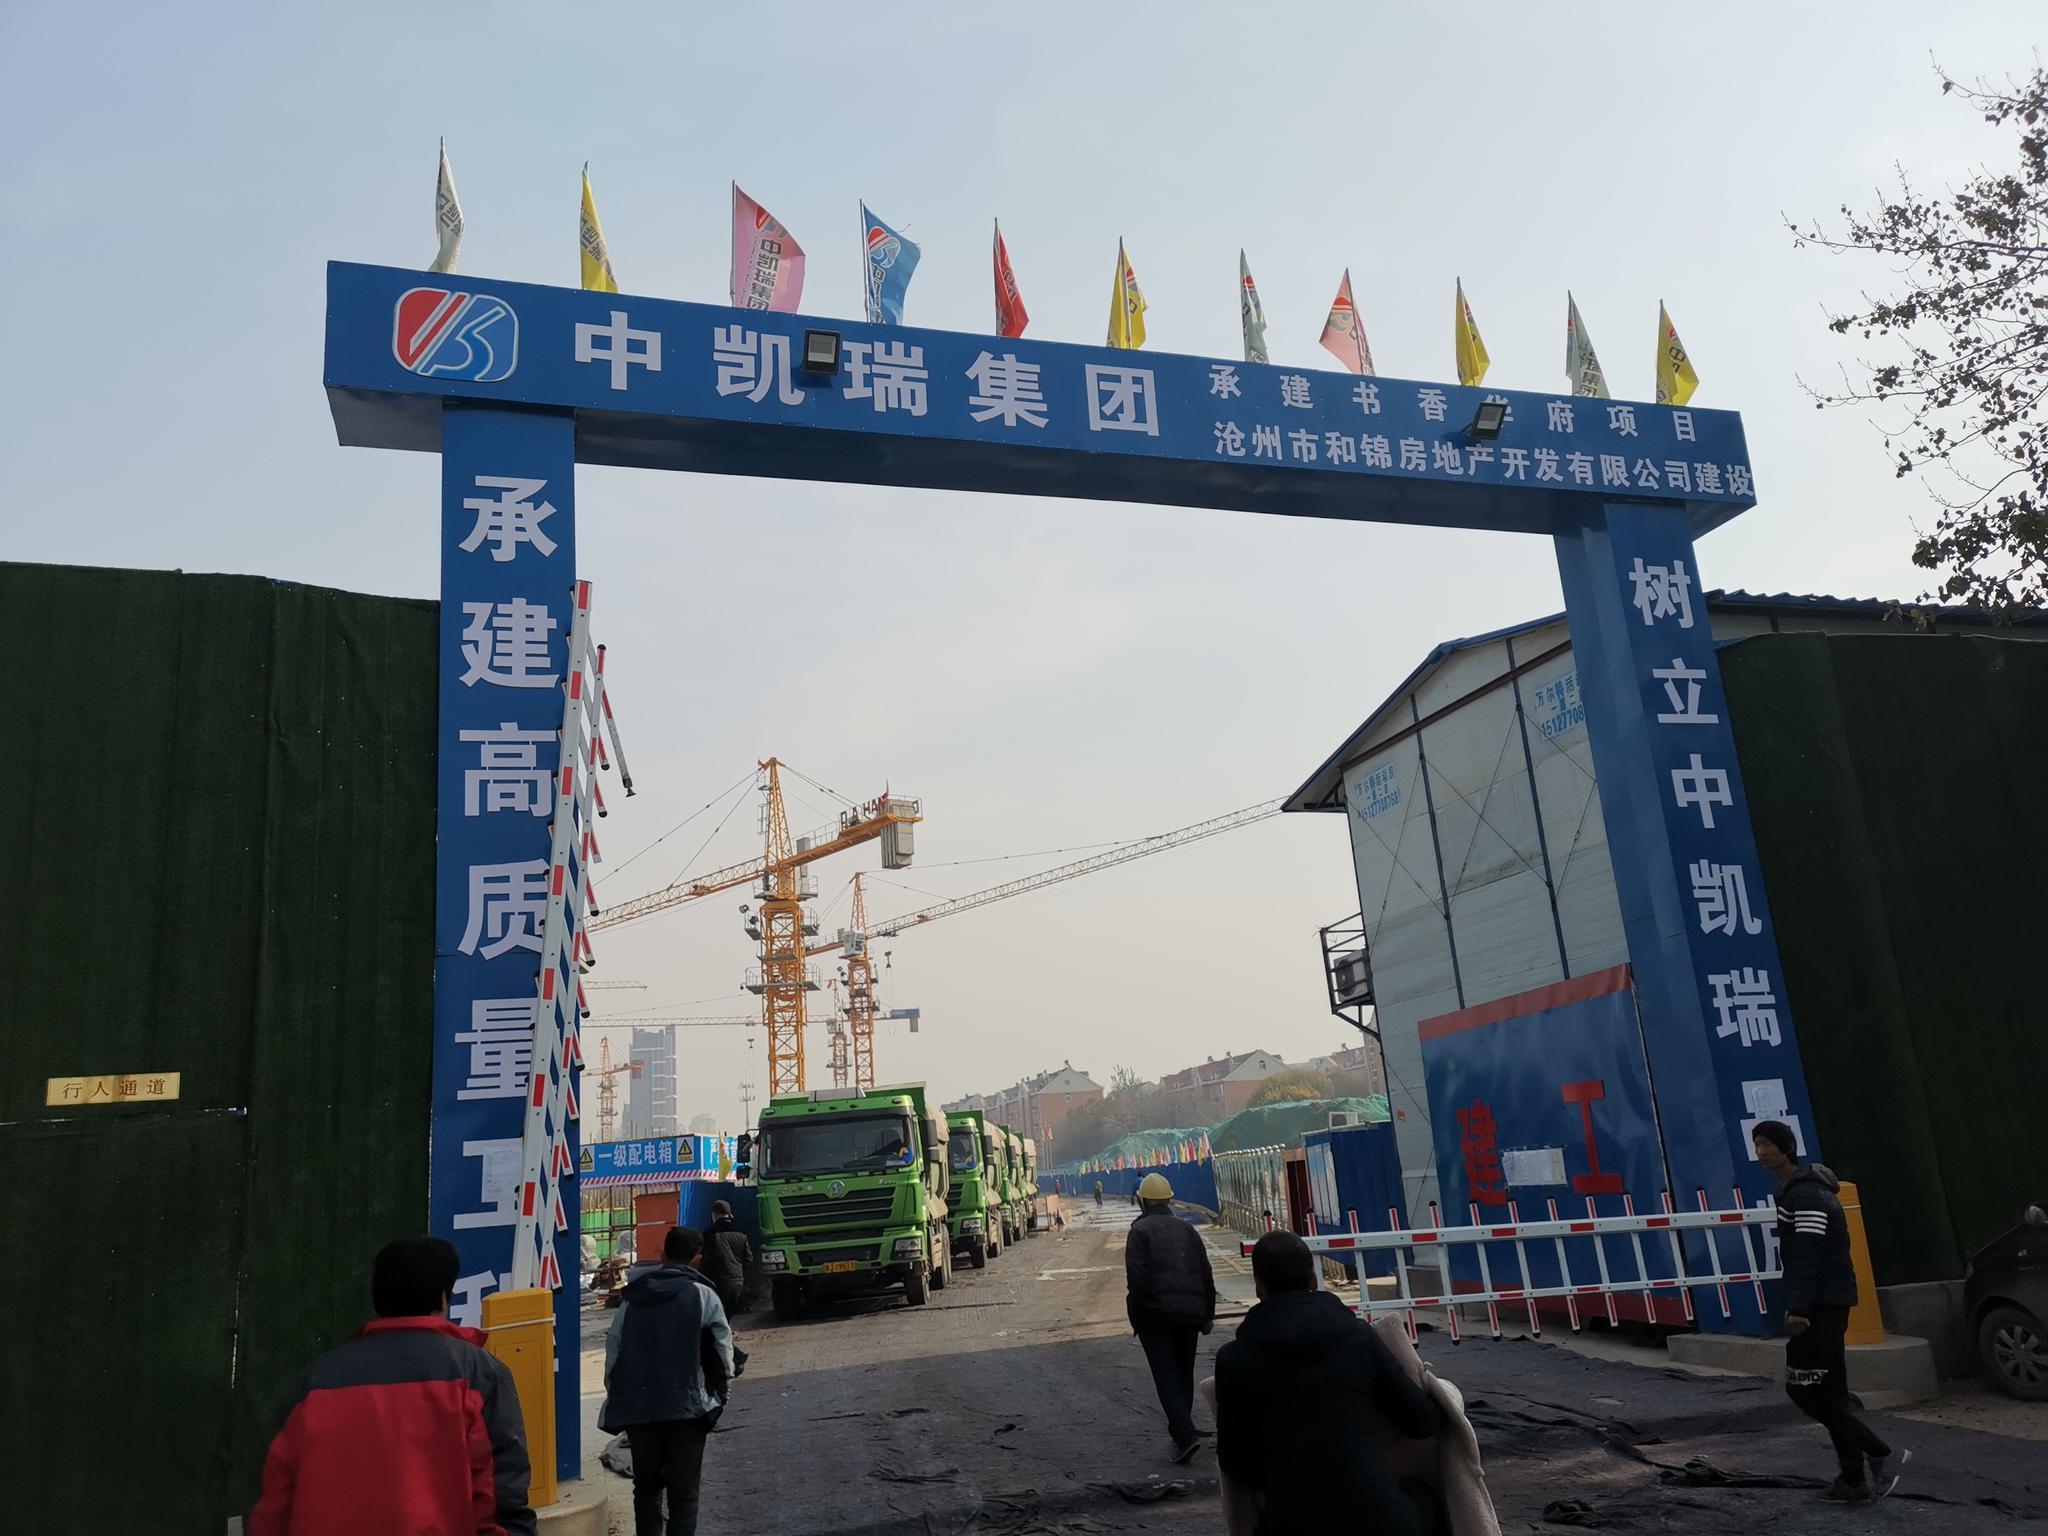 一世界·书香华府项目已经开始施工。